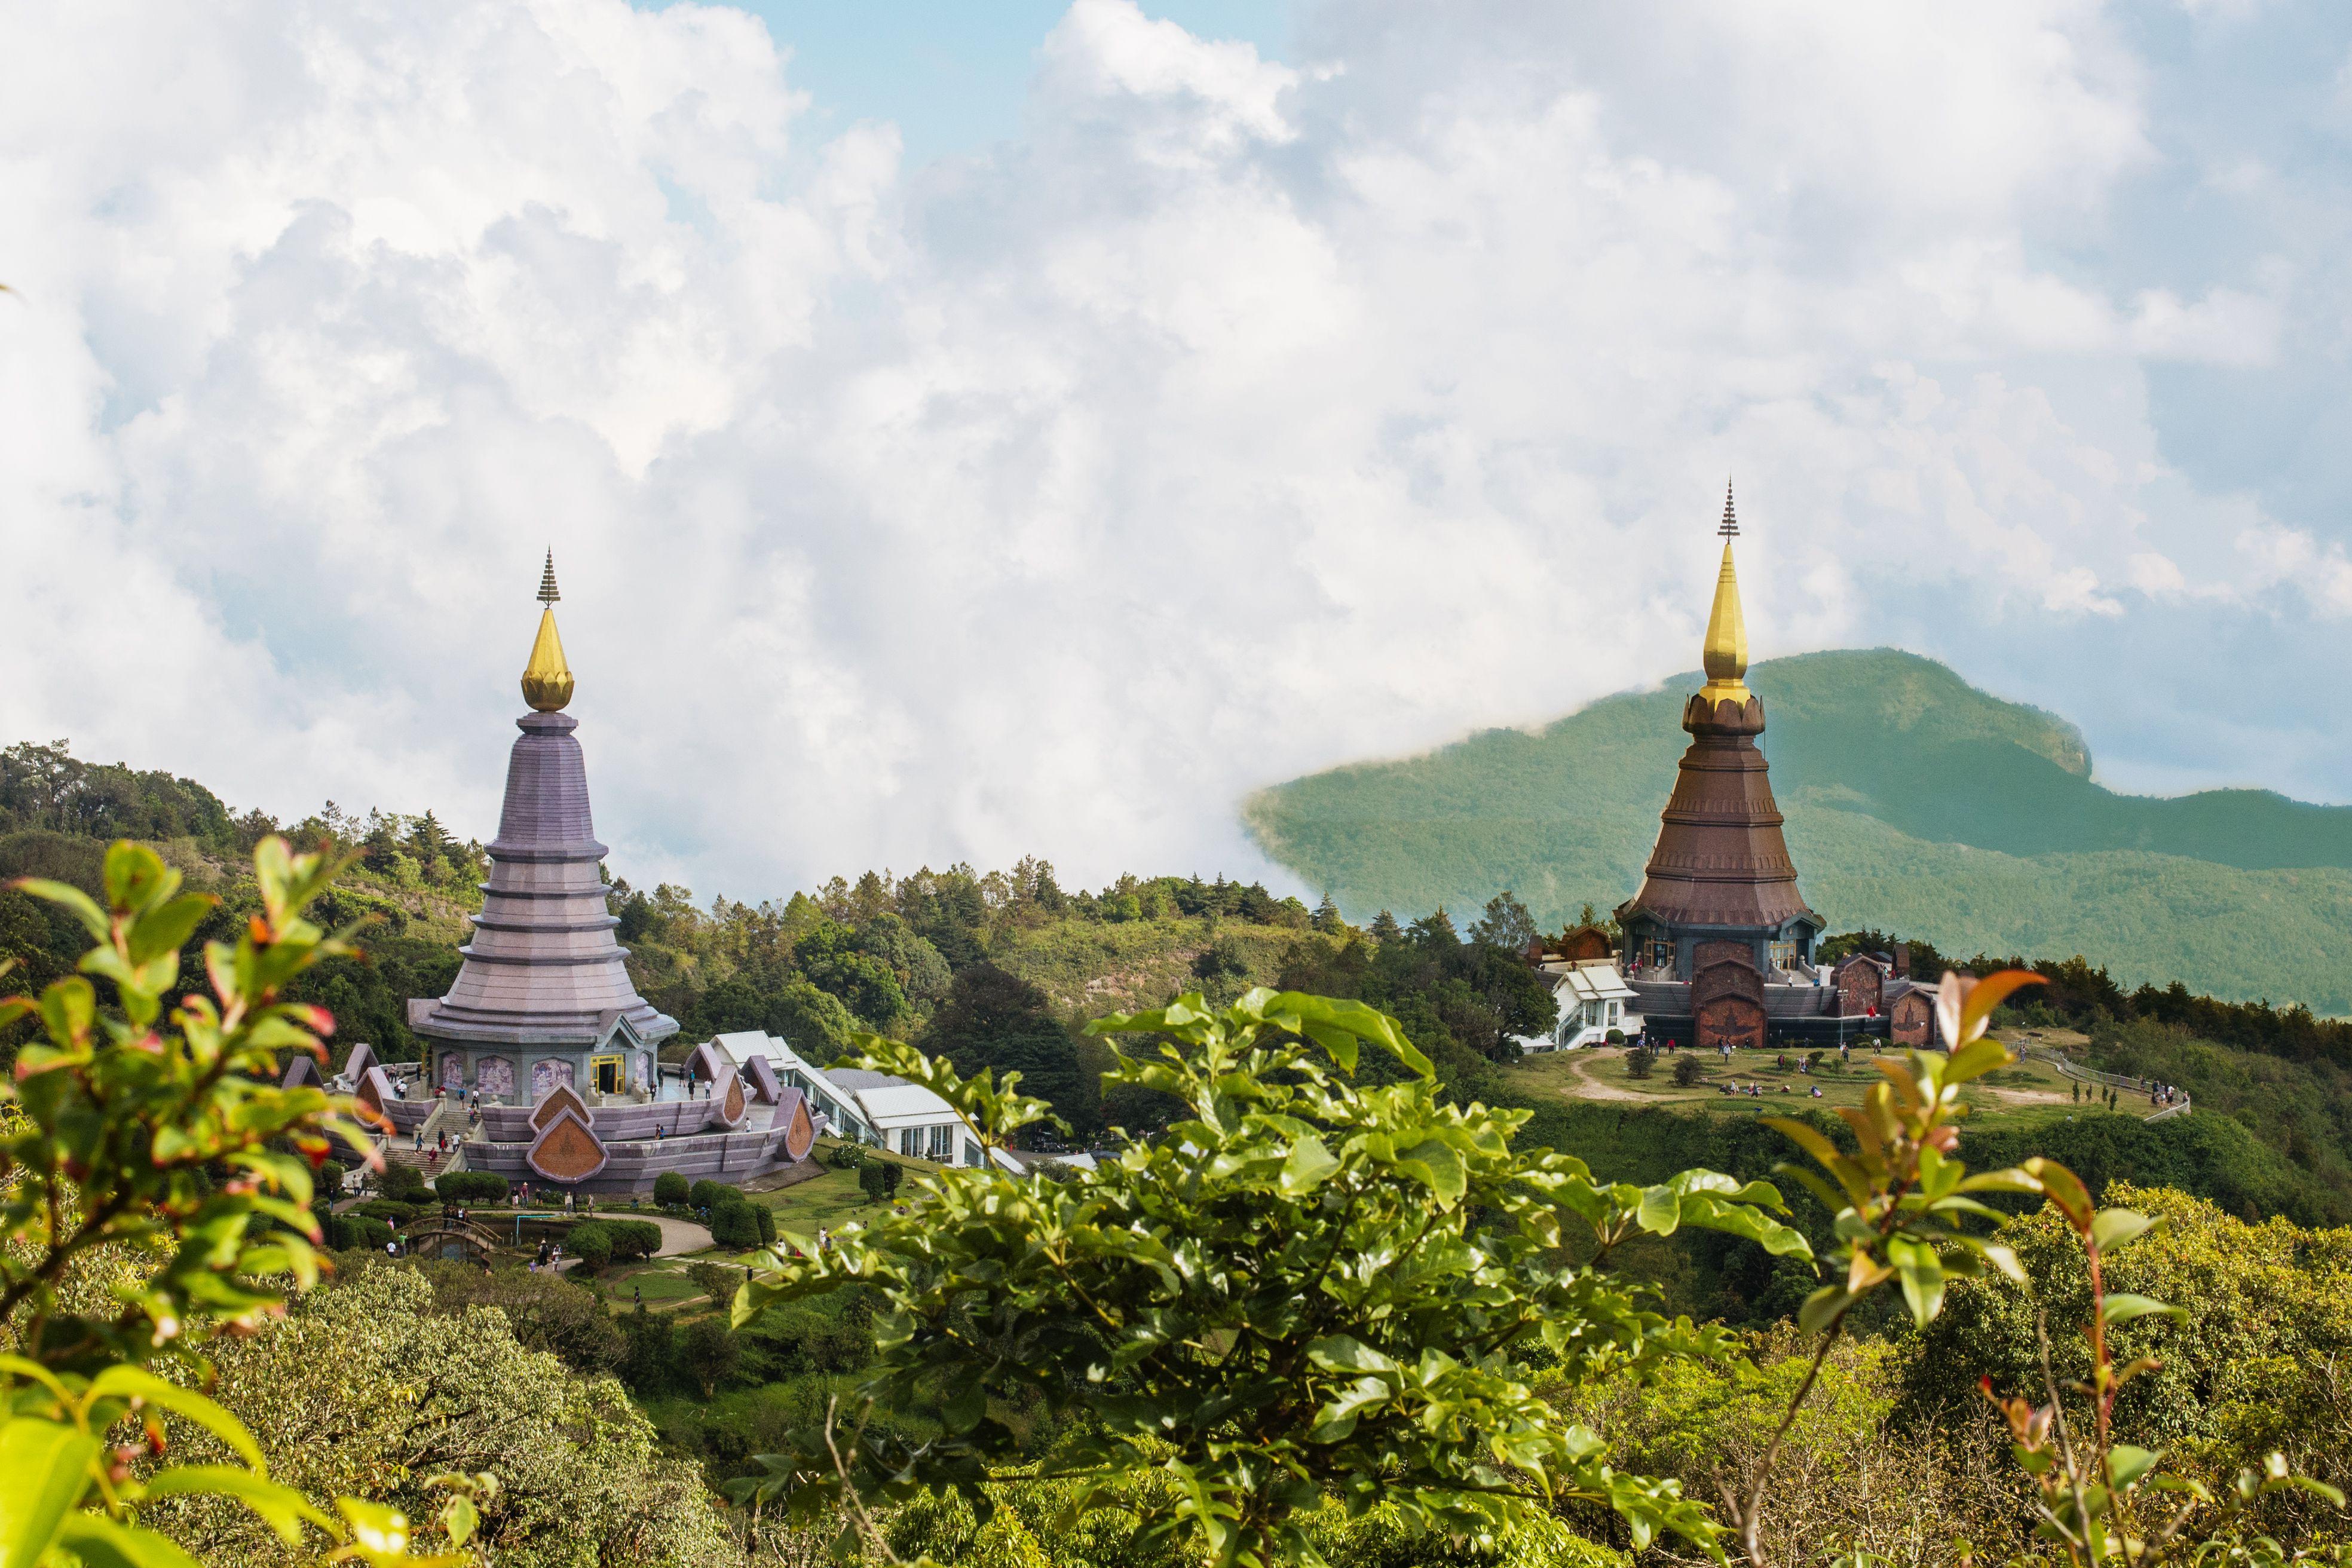 The royal pagodas at Doi Inthanon